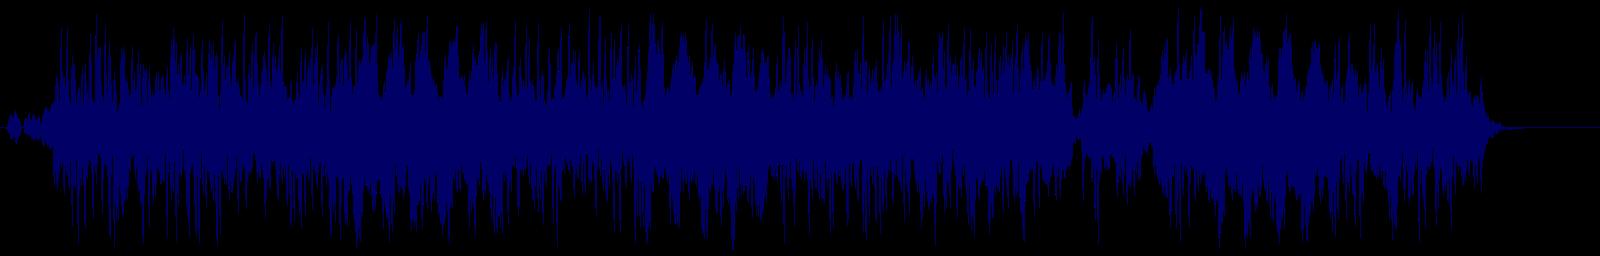 waveform of track #114640